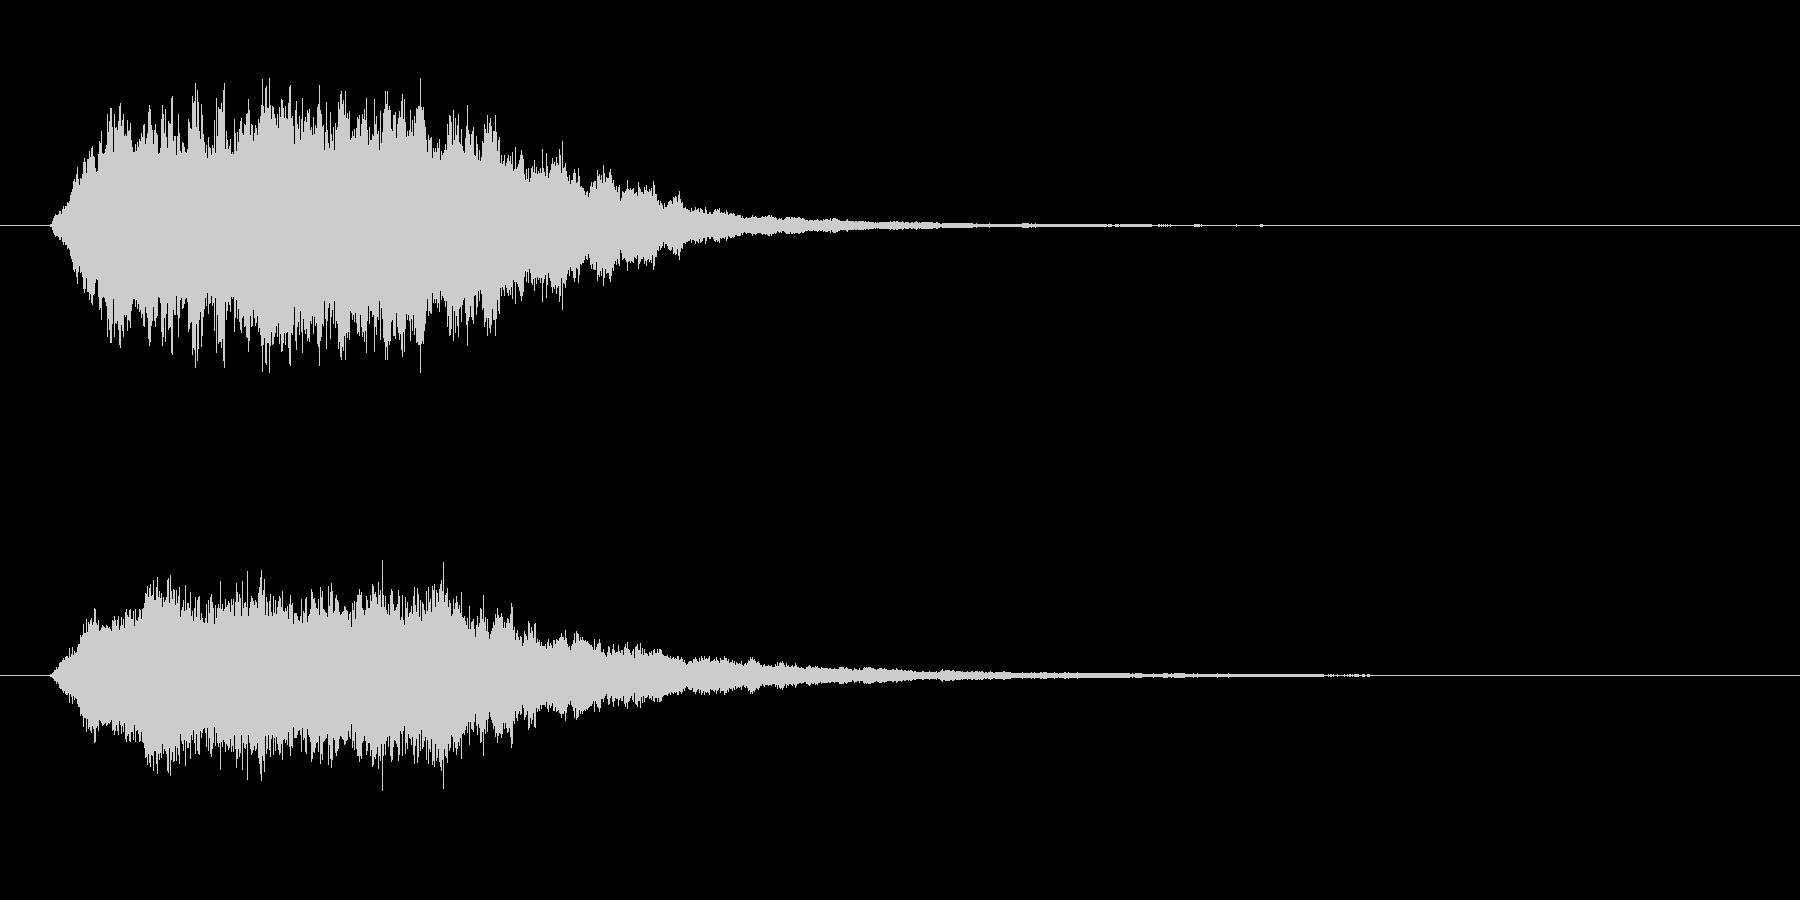 未来へ向かうようなサウンドロゴ、ジングルの未再生の波形